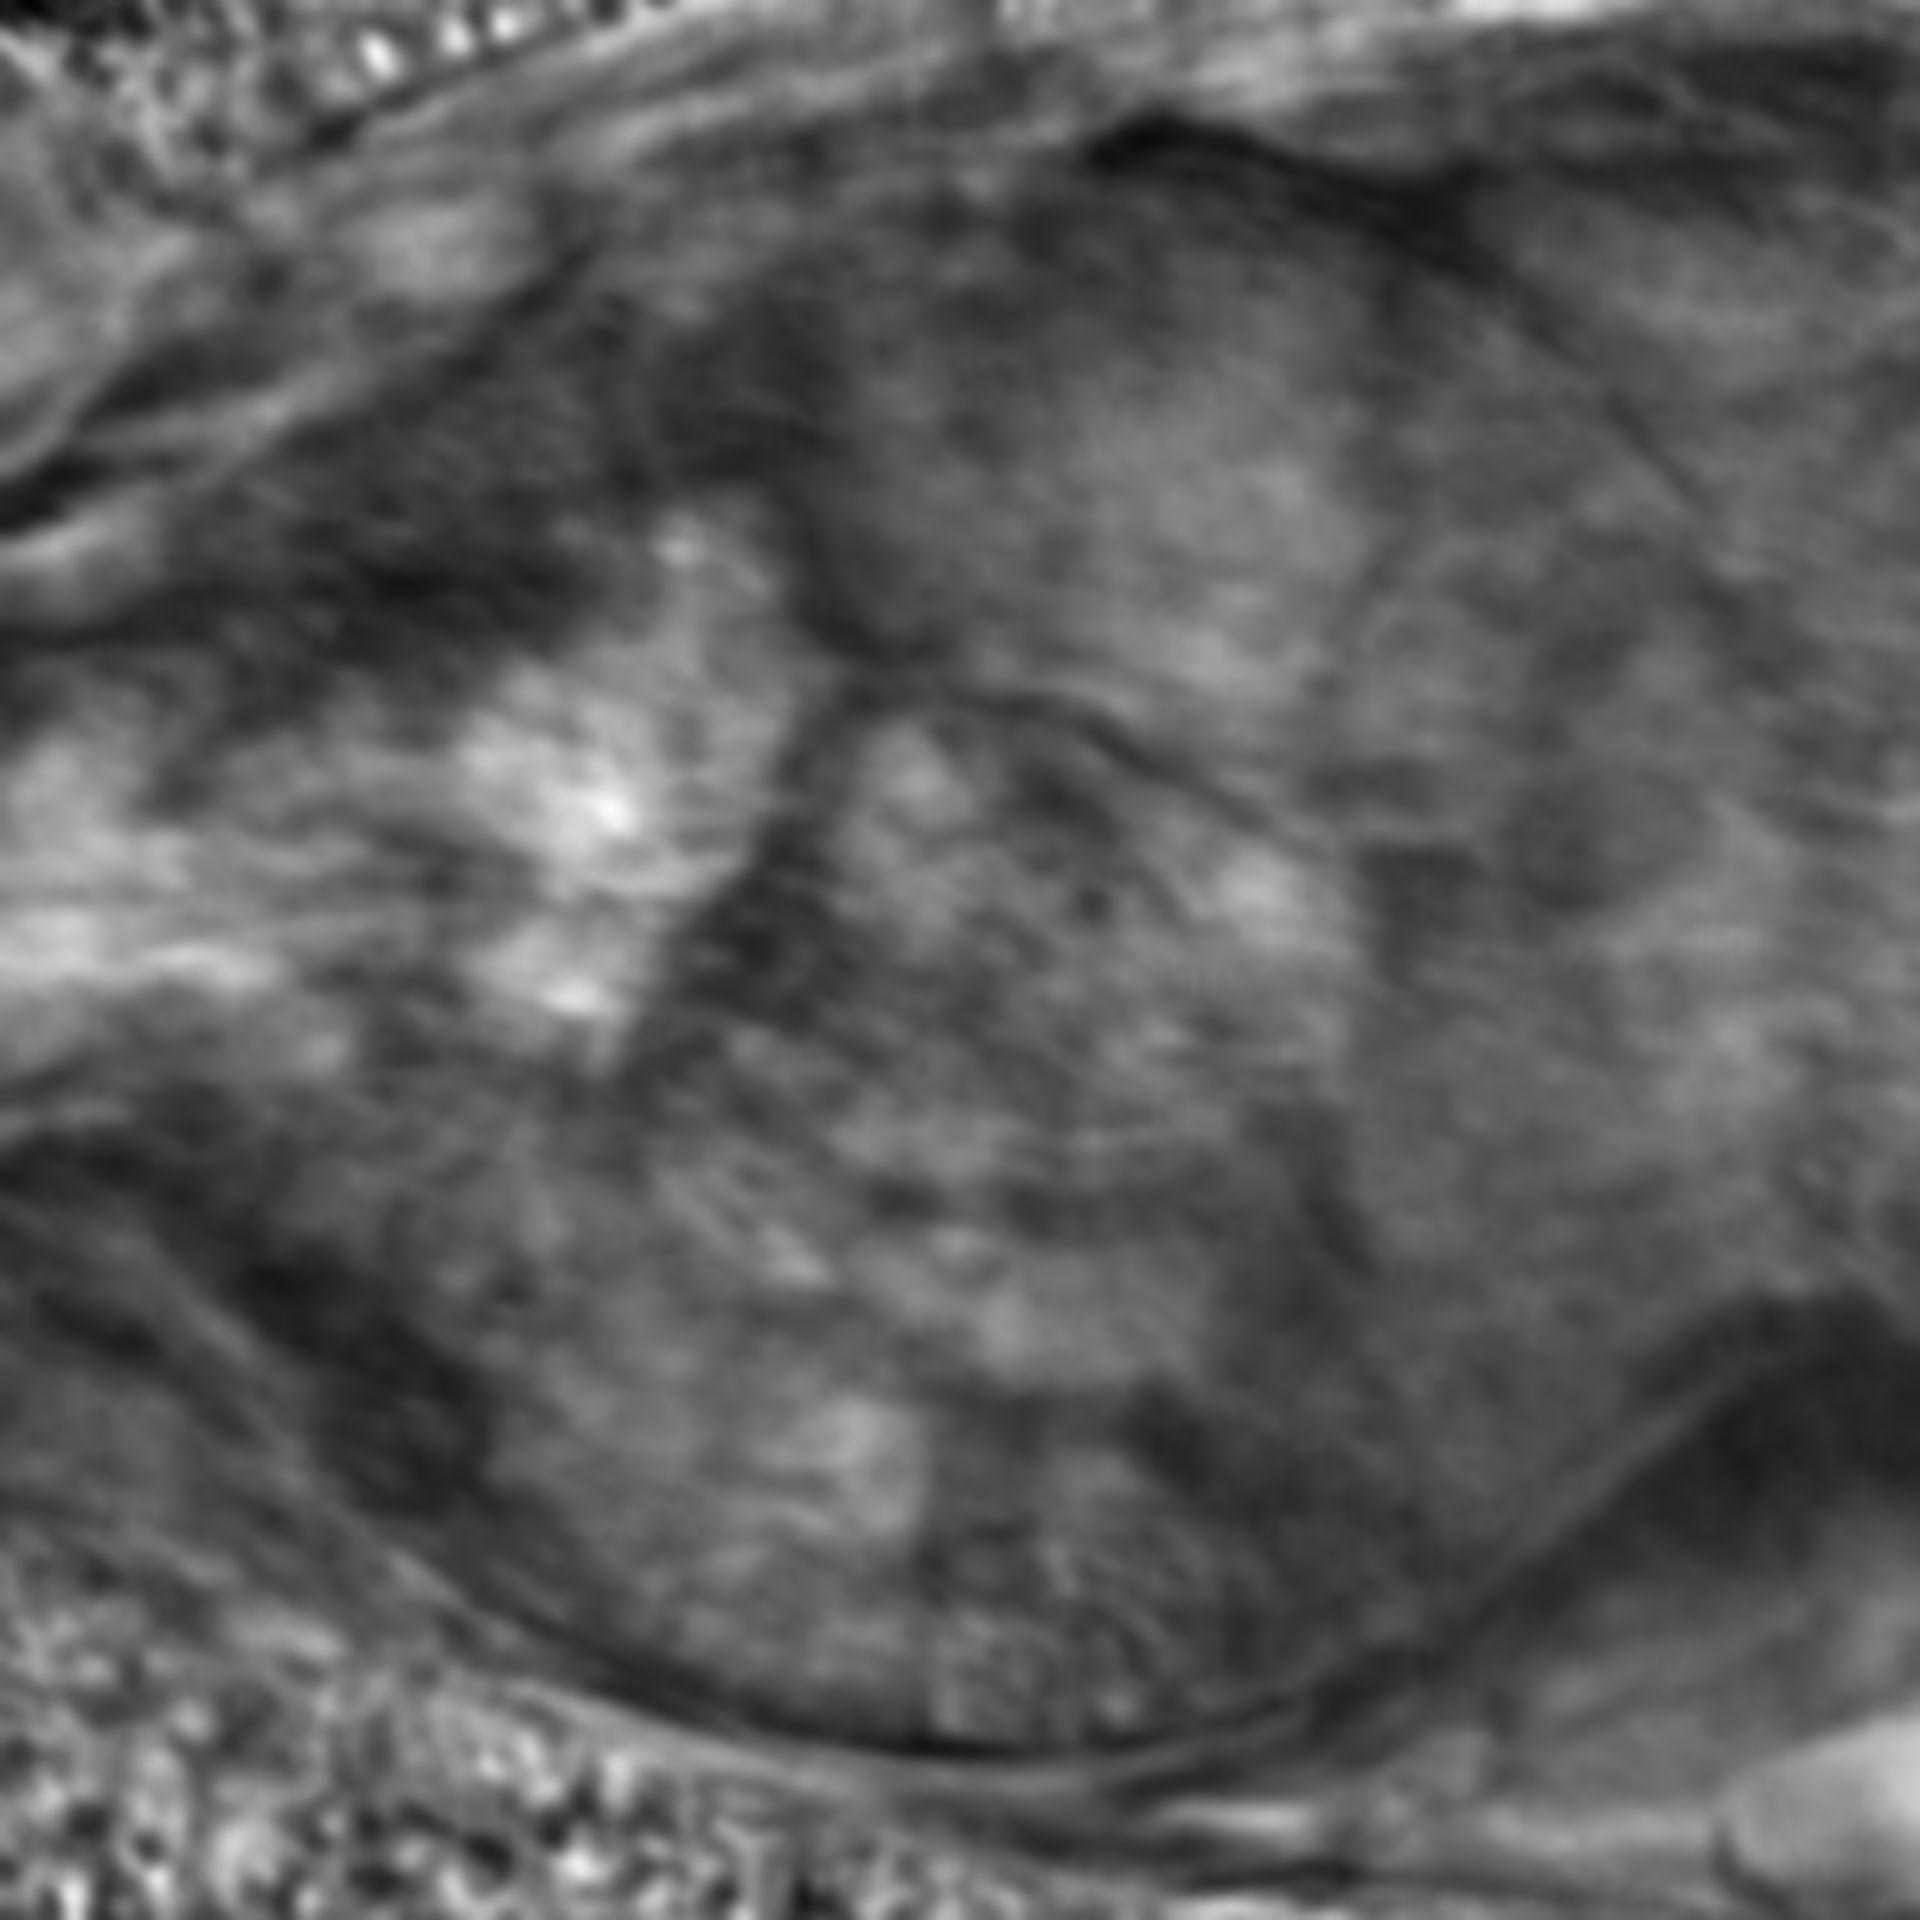 Caenorhabditis elegans - CIL:2671